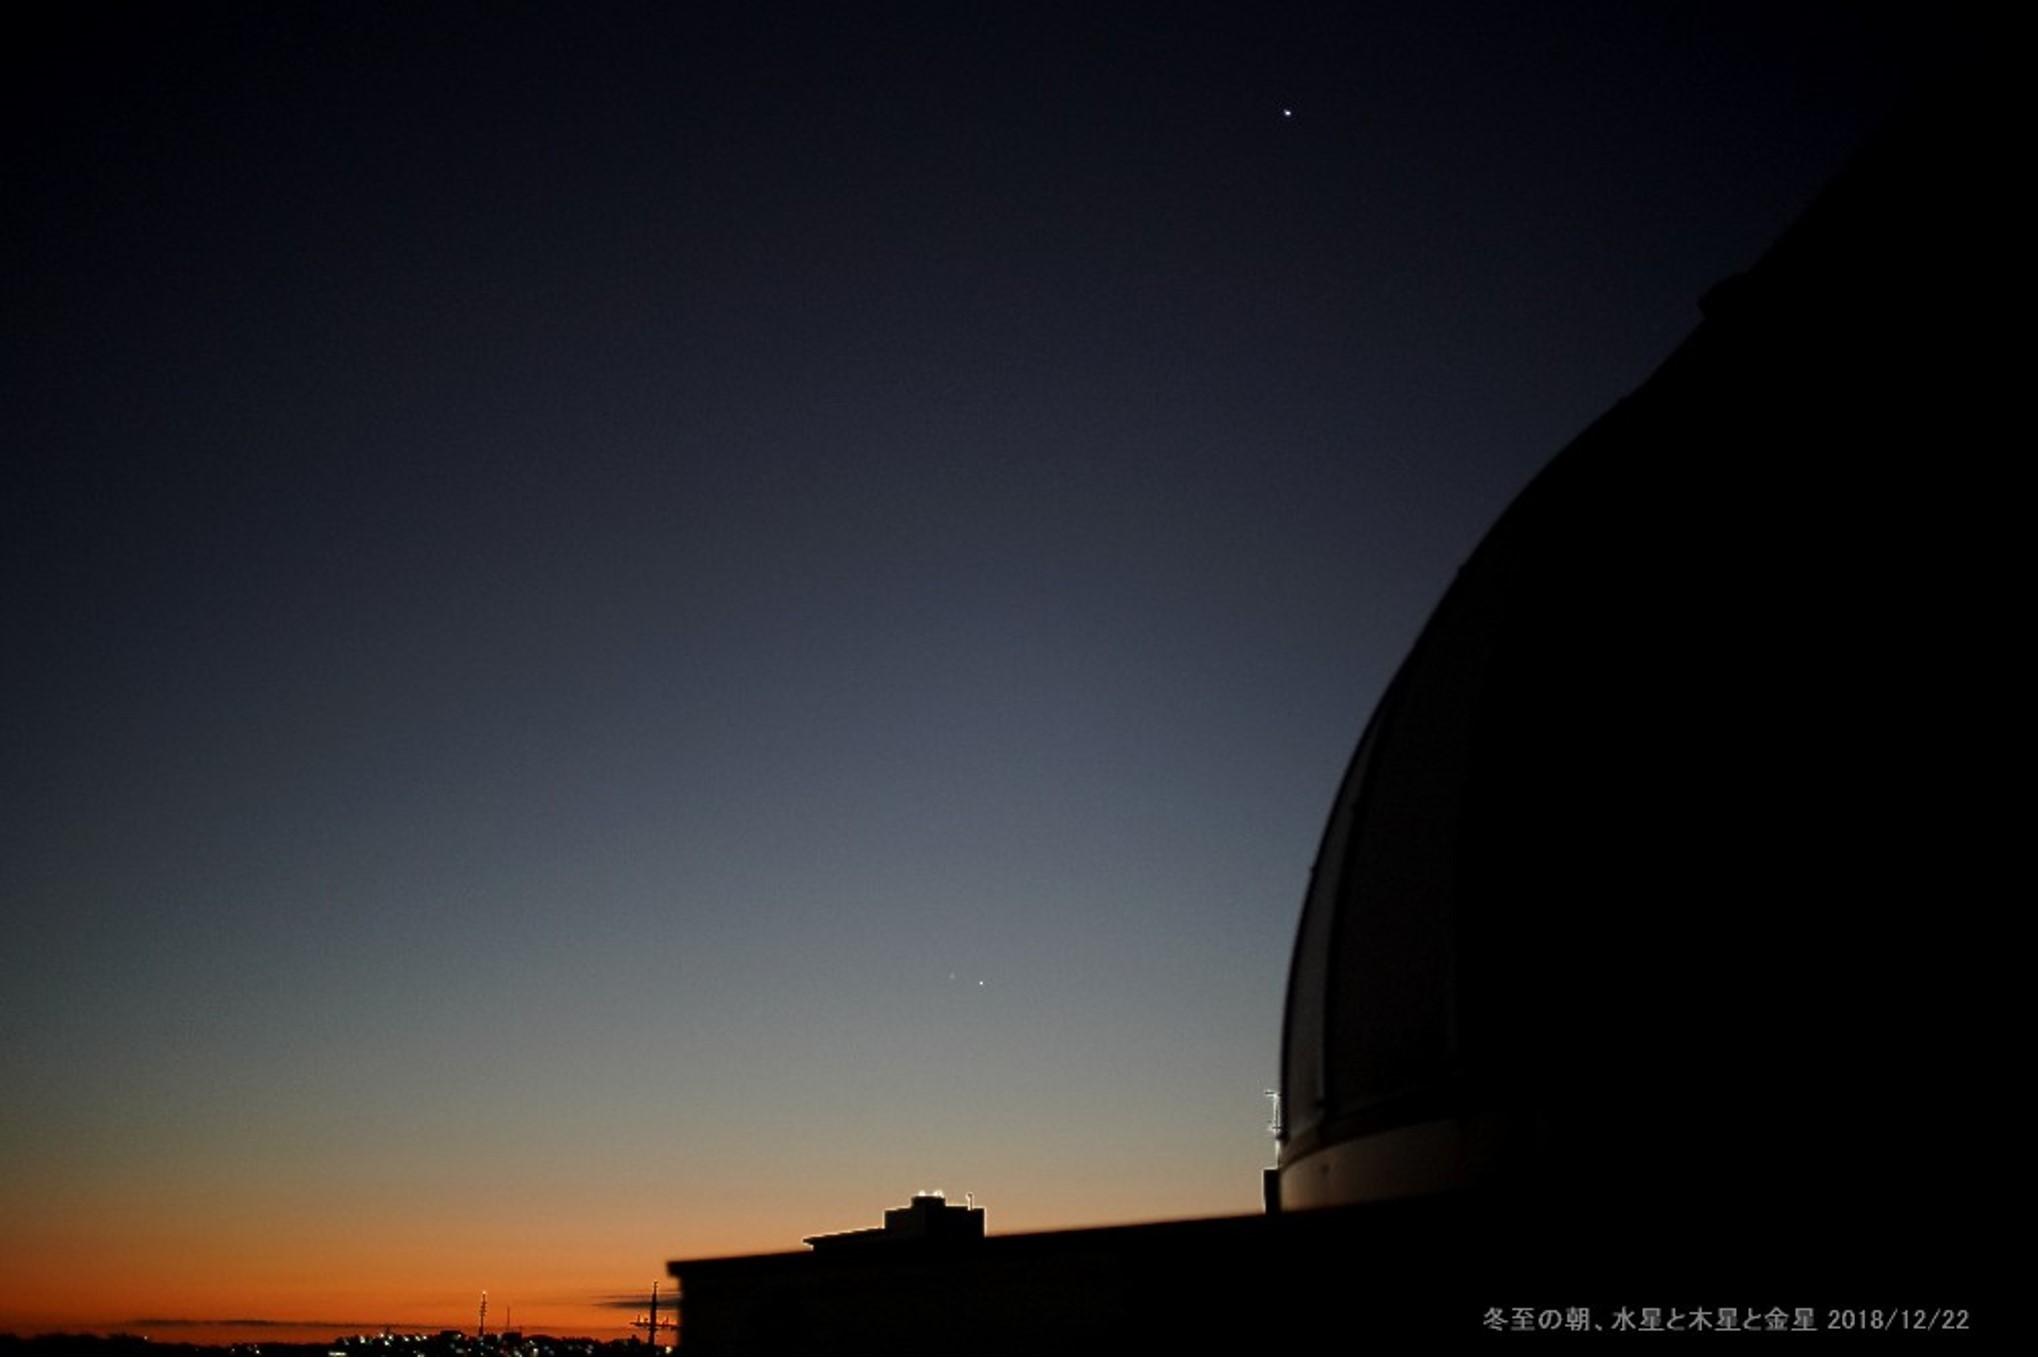 冬至の朝、水星と木星が接近_a0095470_10575371.jpg